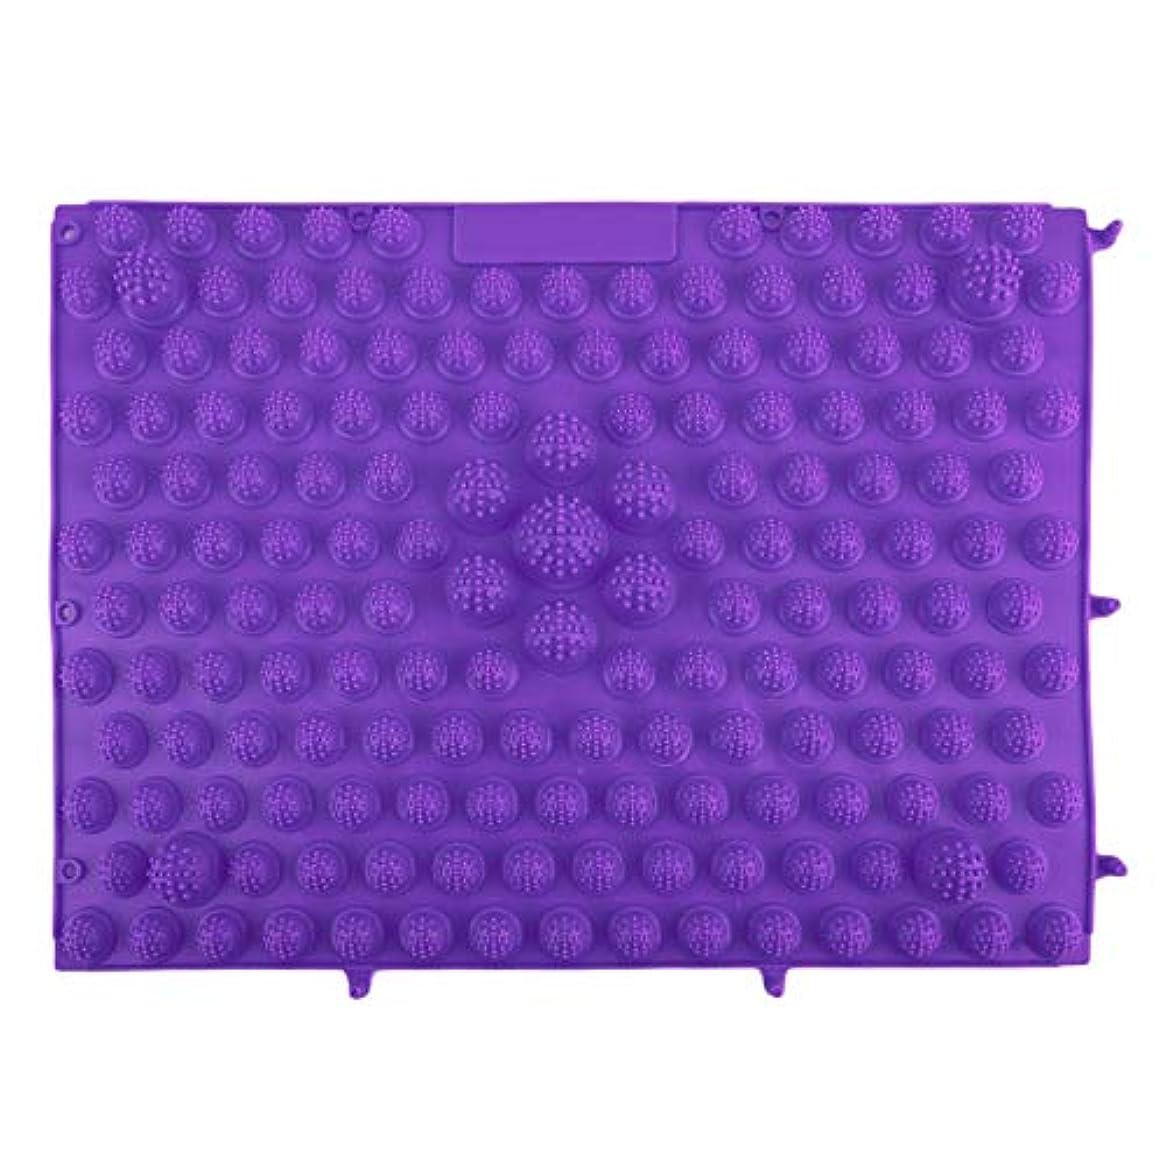 計算するセーブインゲン韓国風フットマッサージパッドTPEモダン指圧リフレクソロジーマット鍼灸敷物疲労緩和促進循環 - 紫色